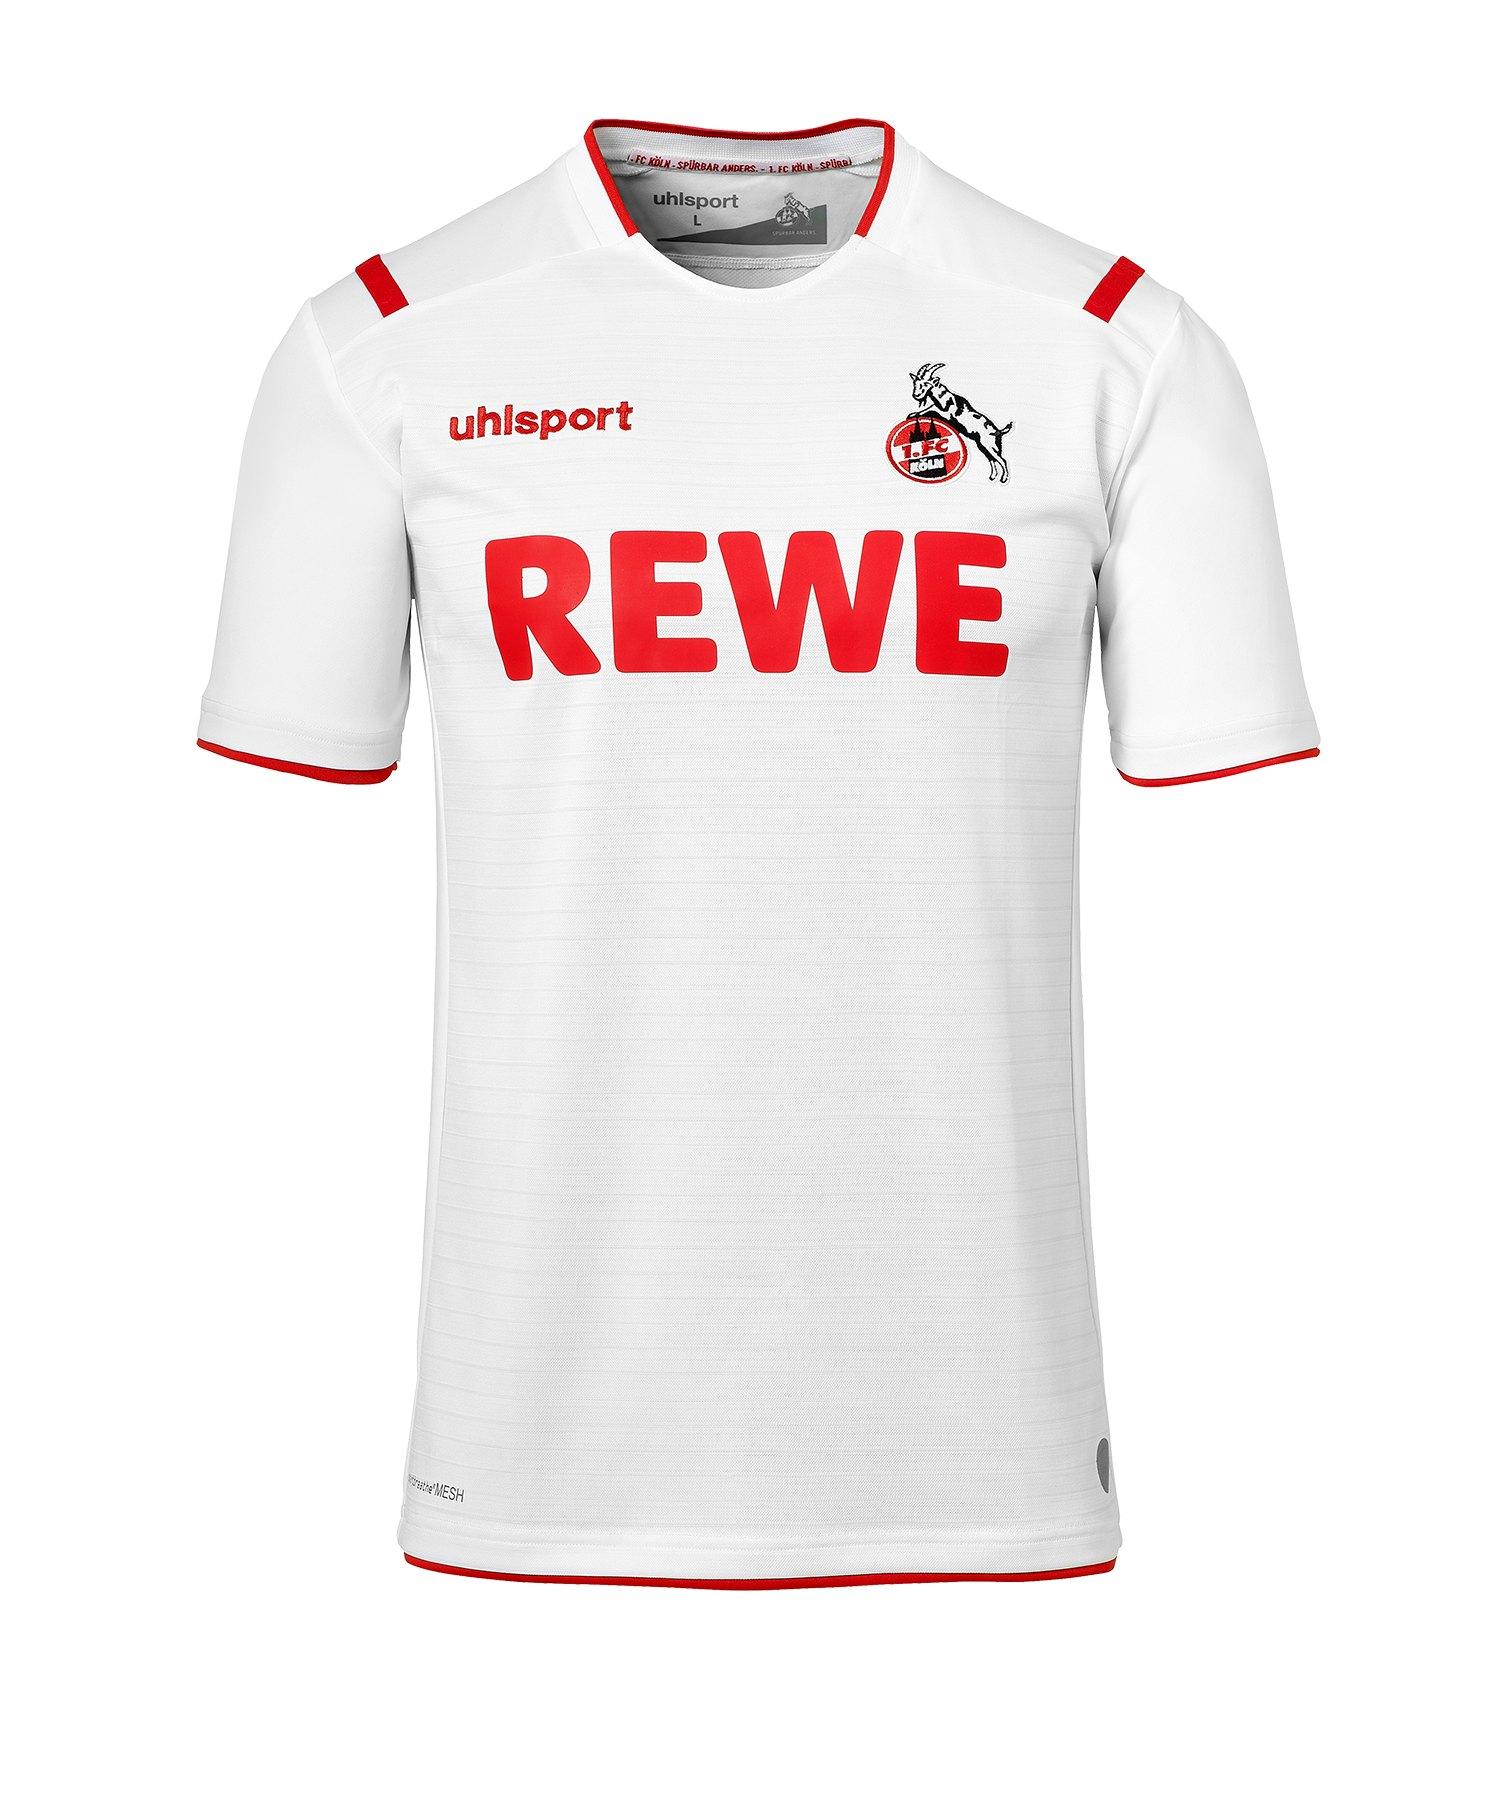 Uhlsport 1. FC Köln Trikot Home 2019/2020 Weiss - weiss